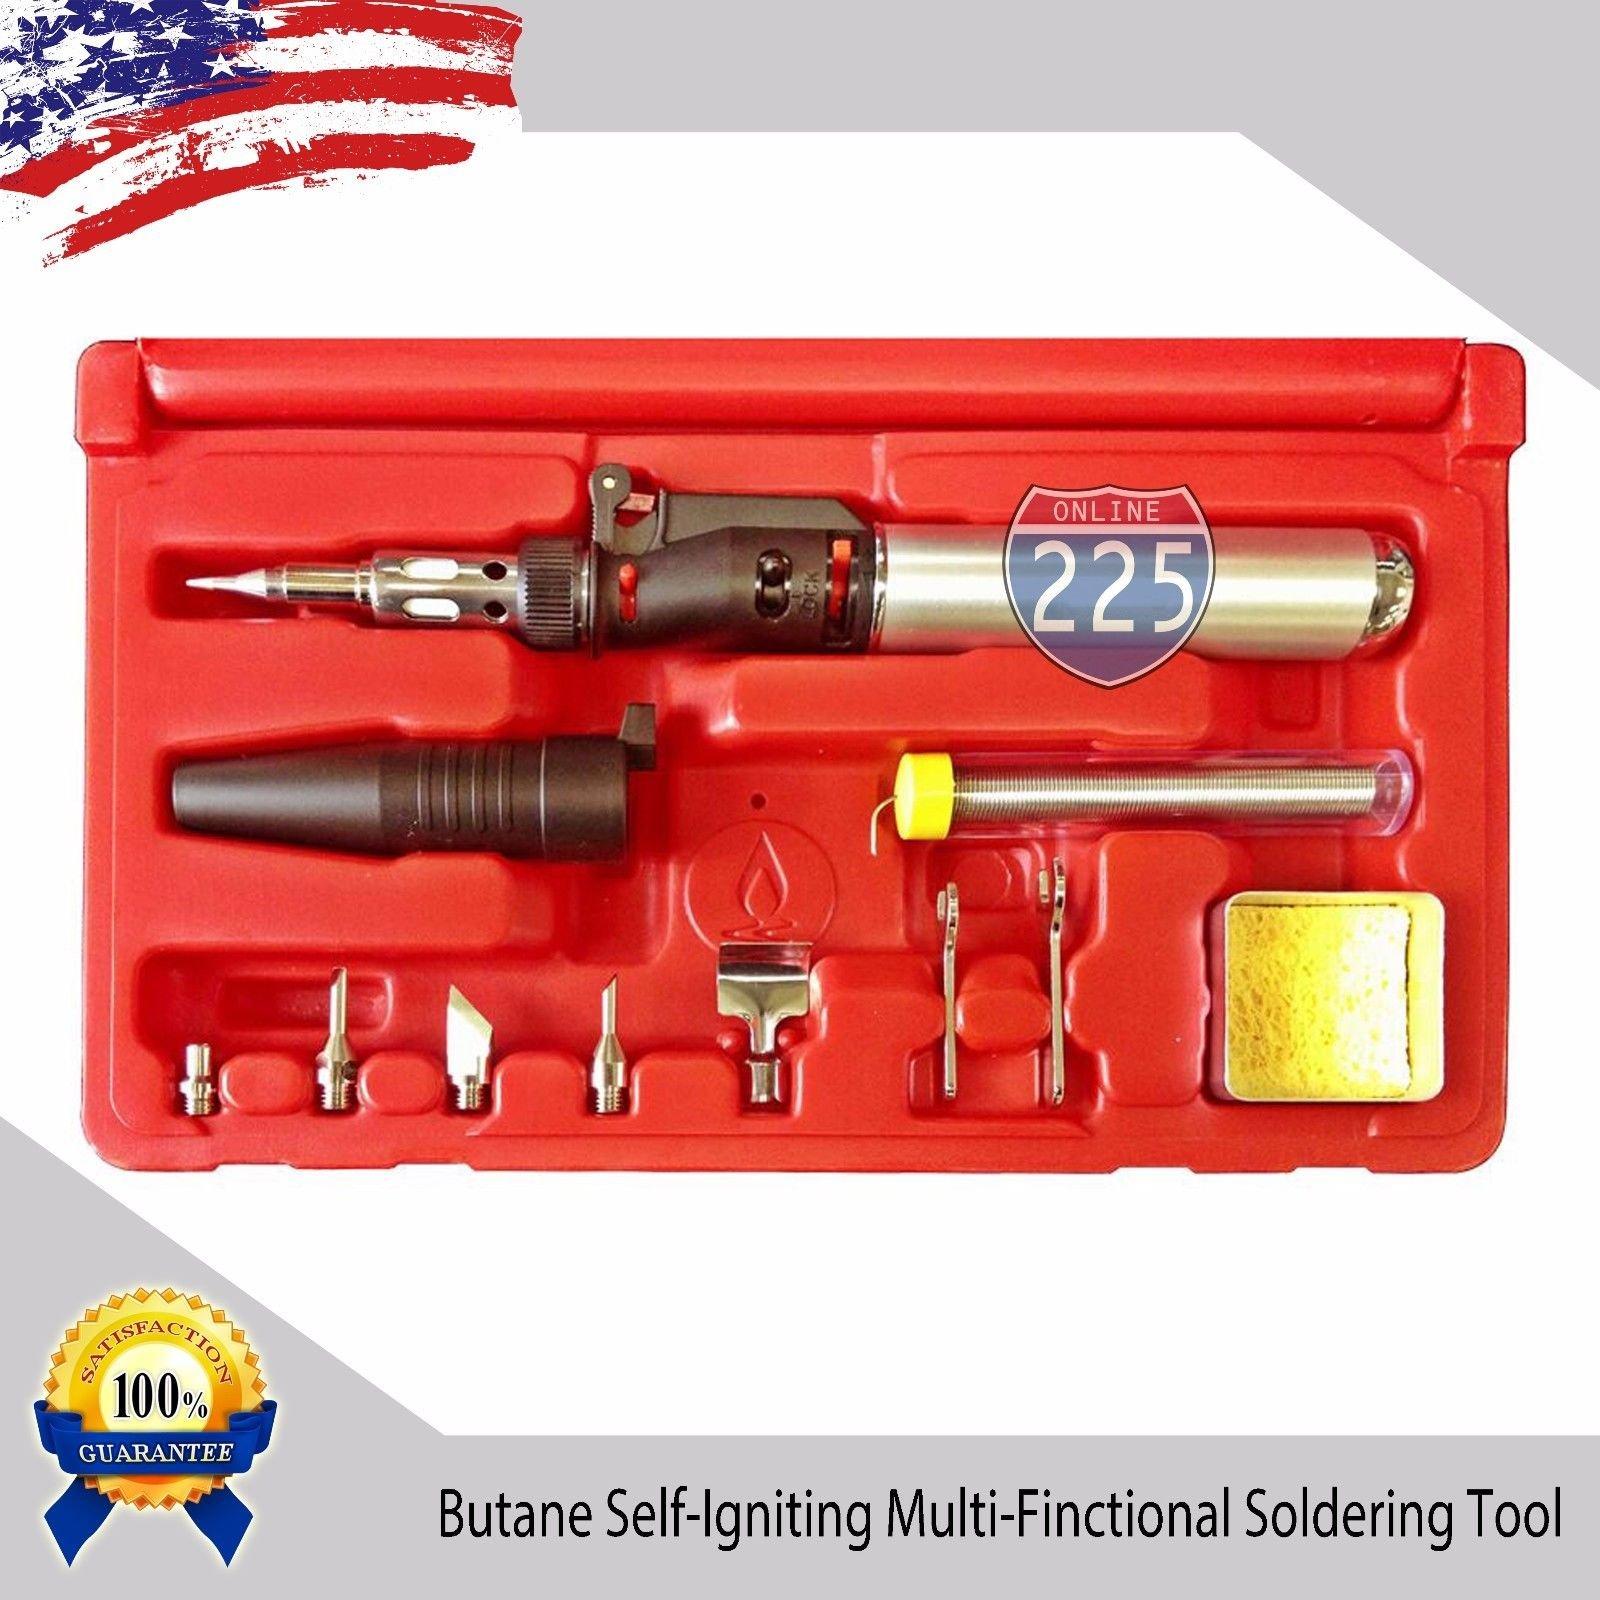 10 in 1 Multi-Functional Butane Gas Soldering Iron/Heat Gun/Blow Torch Kit USA